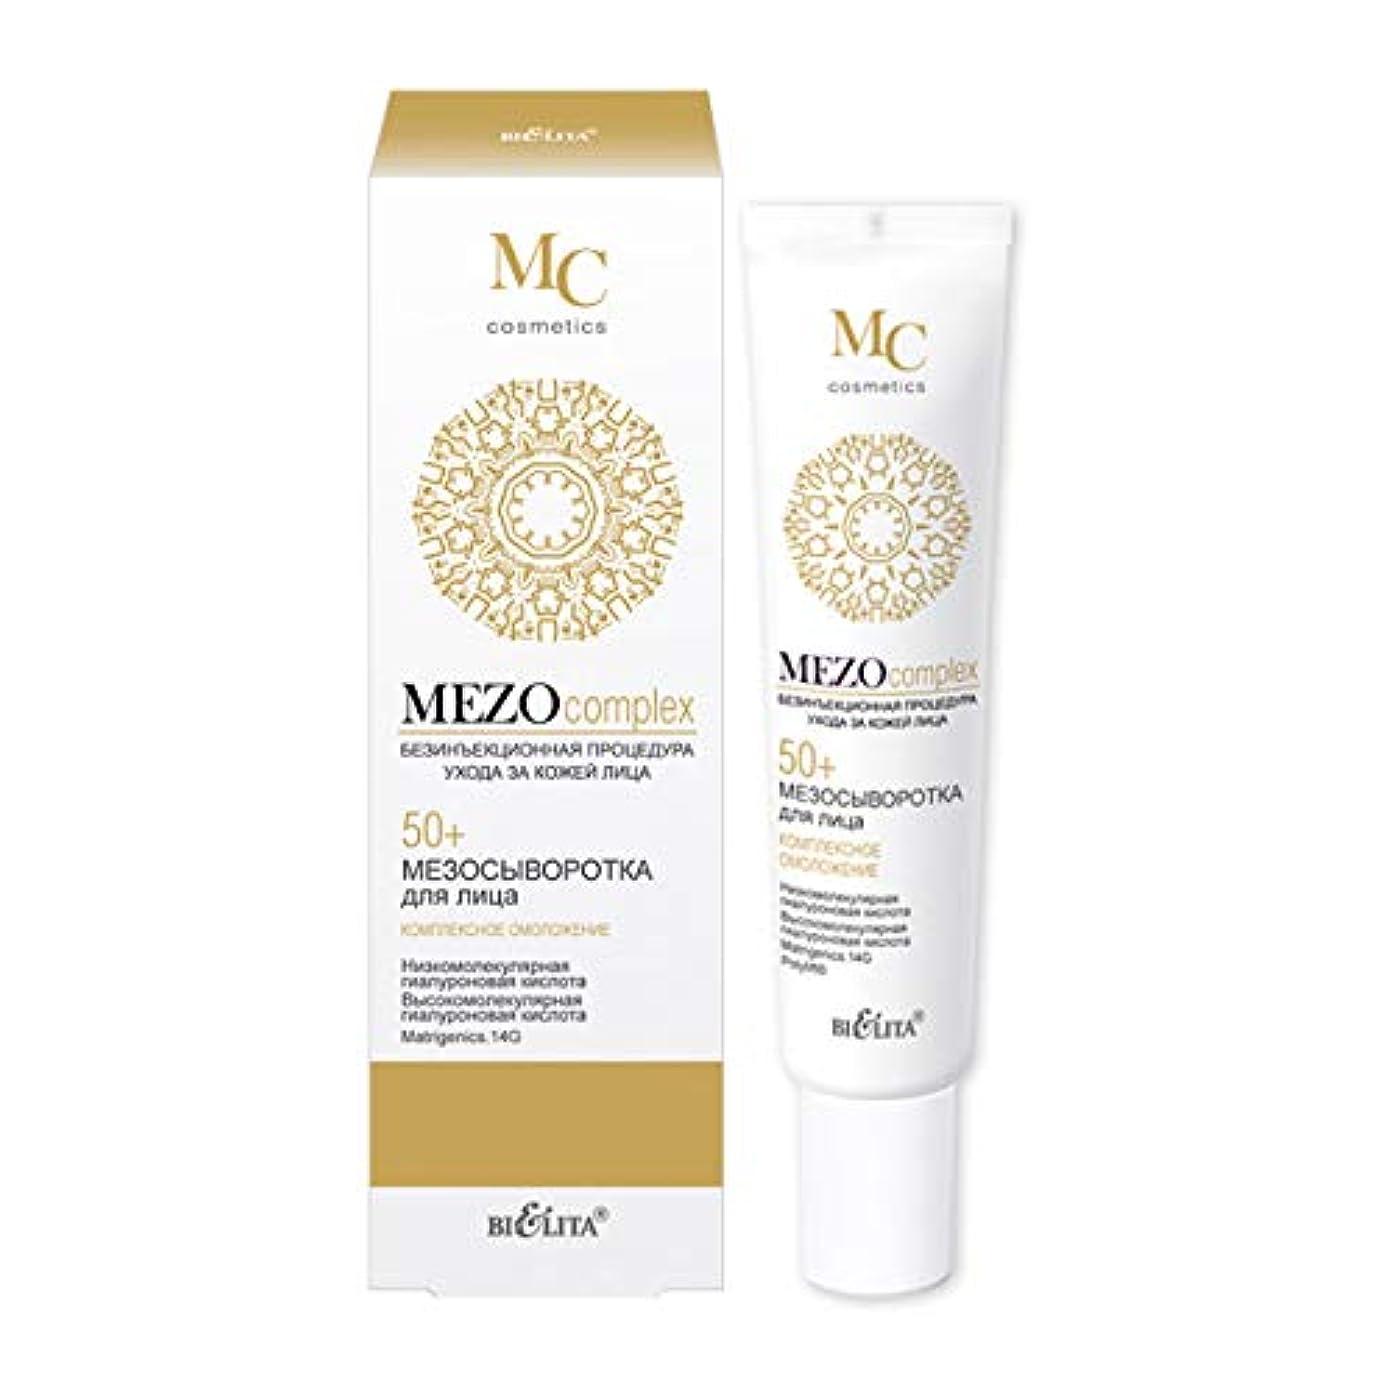 本体混乱したメガロポリスMezo complex | Mezo Serum Complex 50+ | Non-injection facial skin care procedure | Hyaluronic acid | Matrigenics...